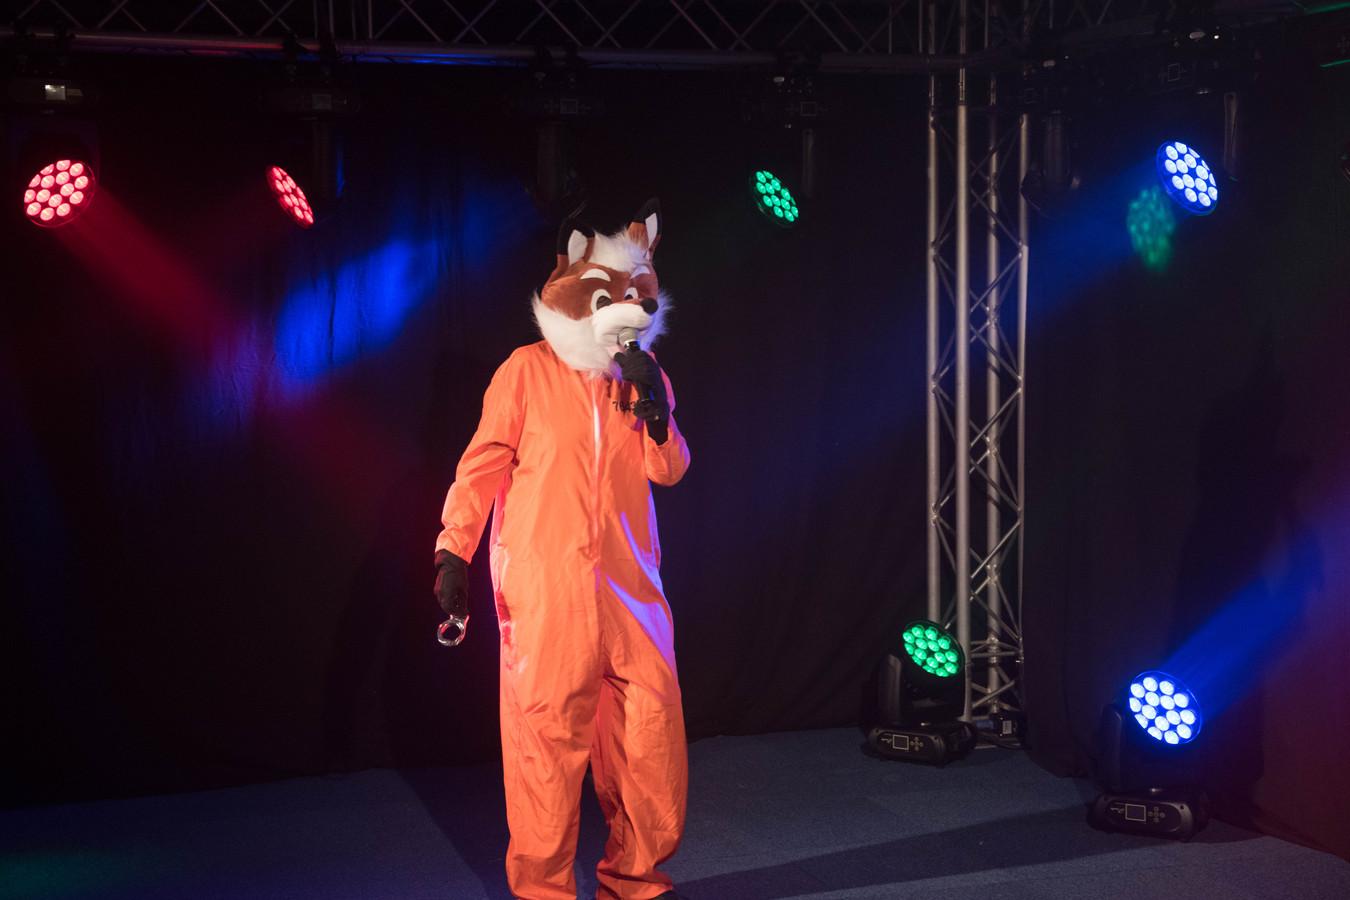 Wie zit er in het pak van deze sluwe vos?